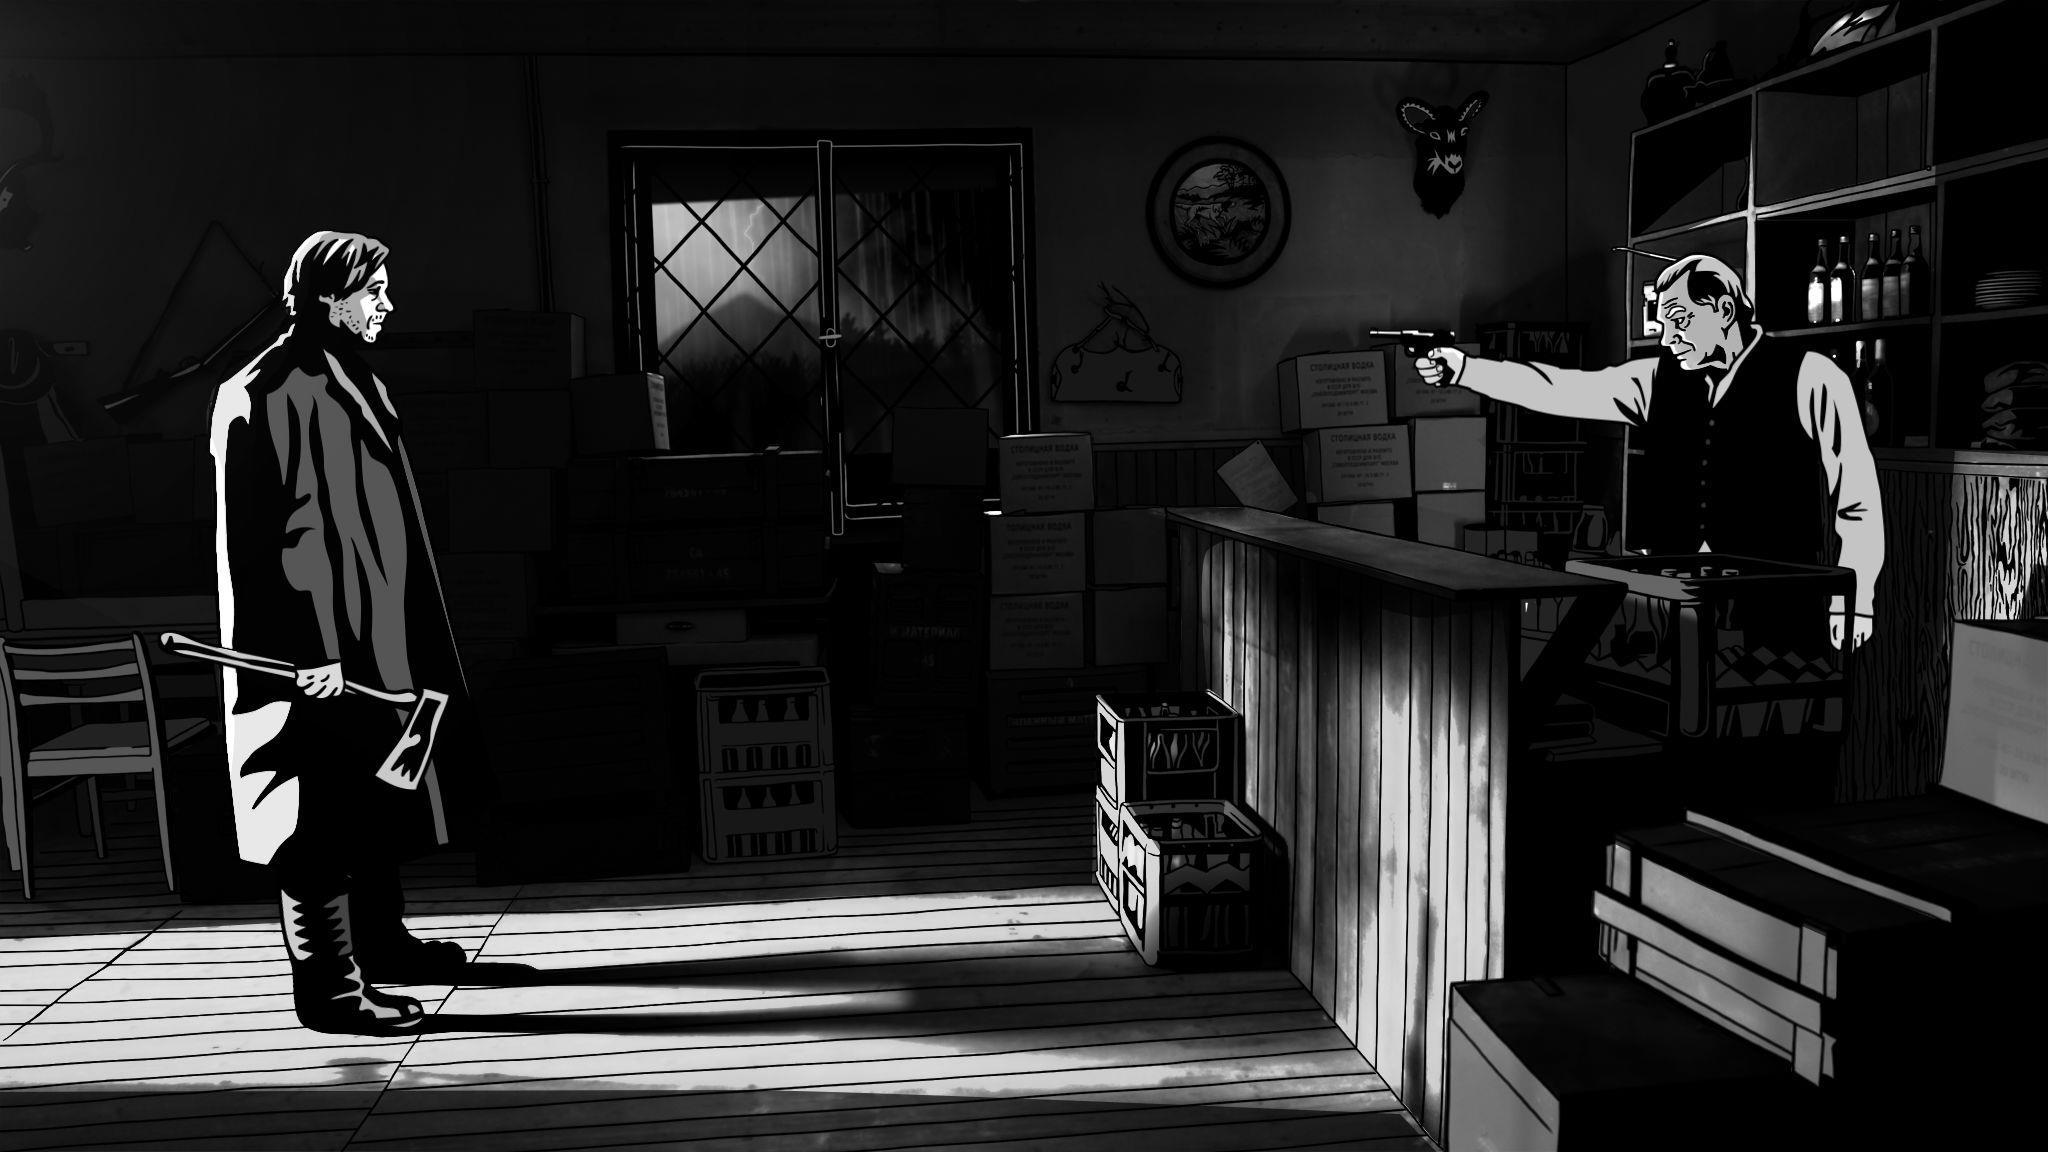 кадры из фильма Алоис Небель и его призраки Карел Роден,